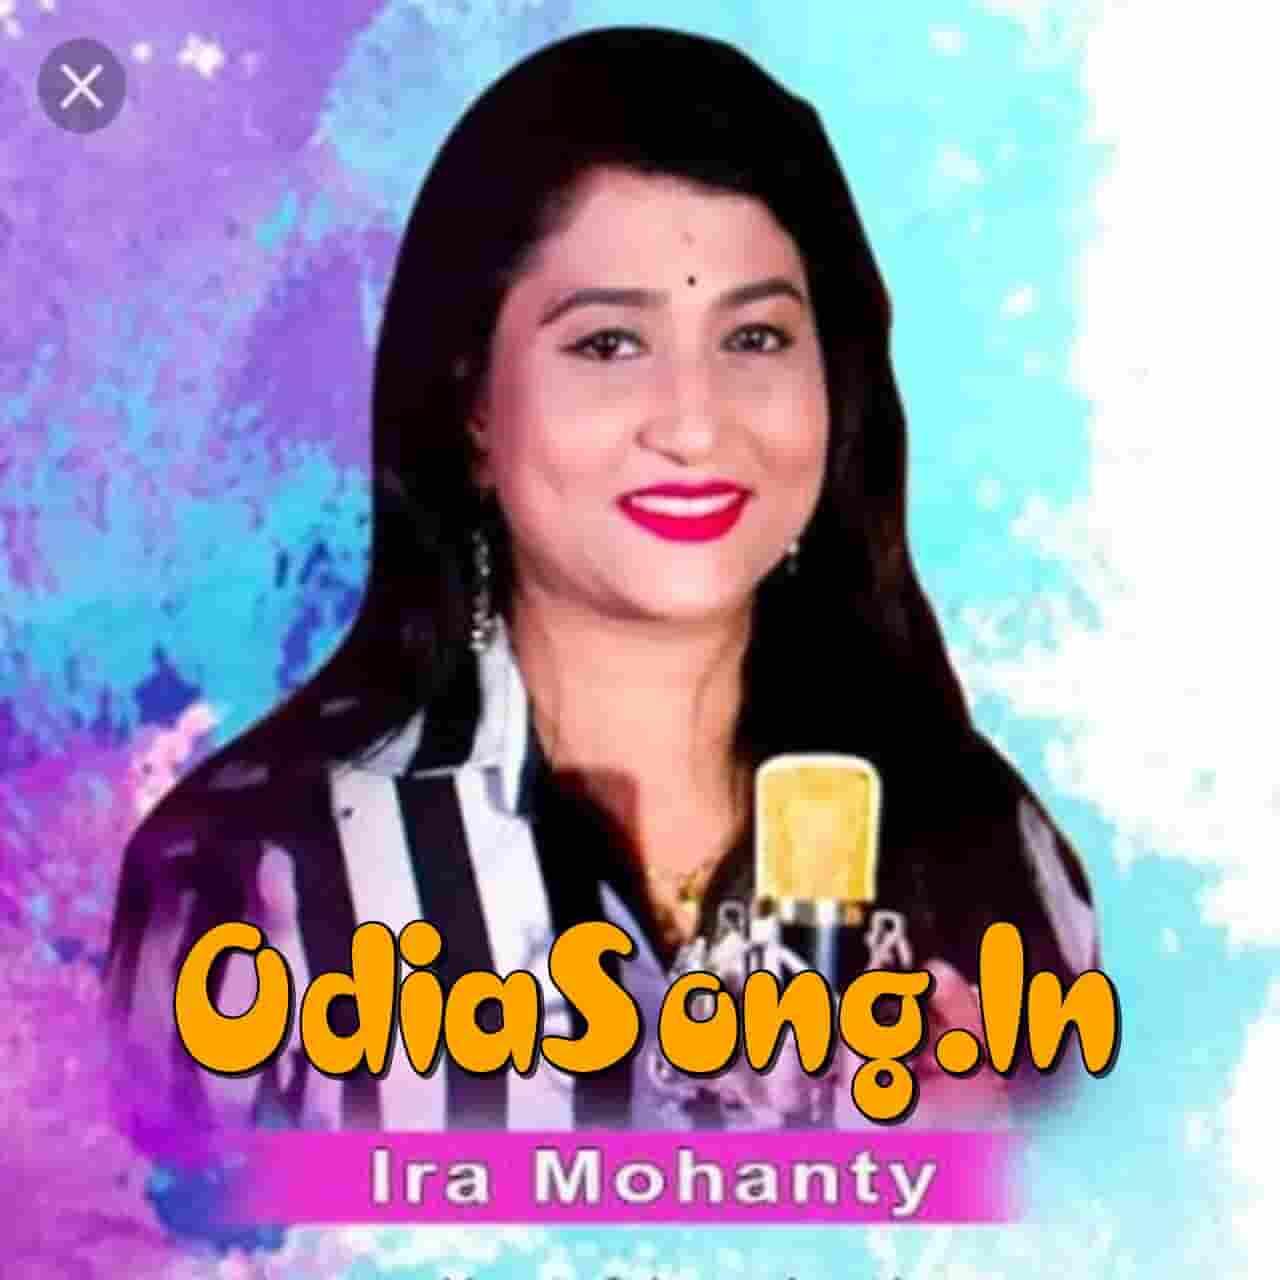 Tora Mora Rishta (Ira Mohanty) Romantic Odia Song